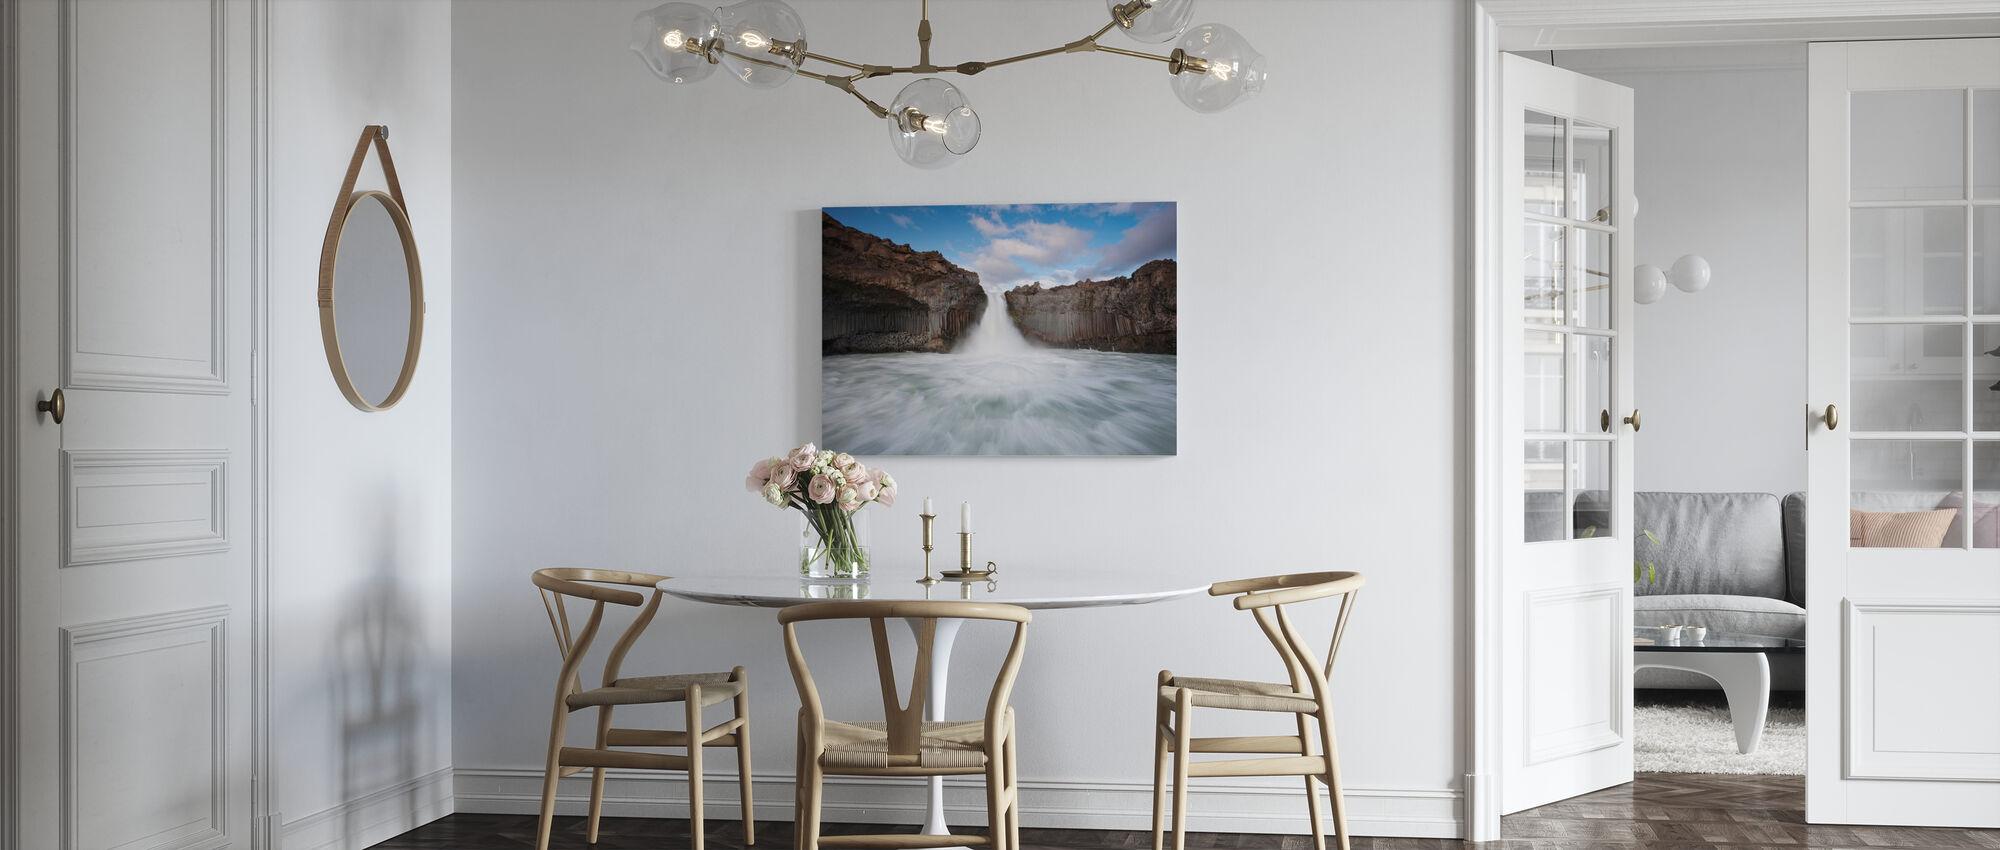 Wild Water - Canvas print - Kitchen